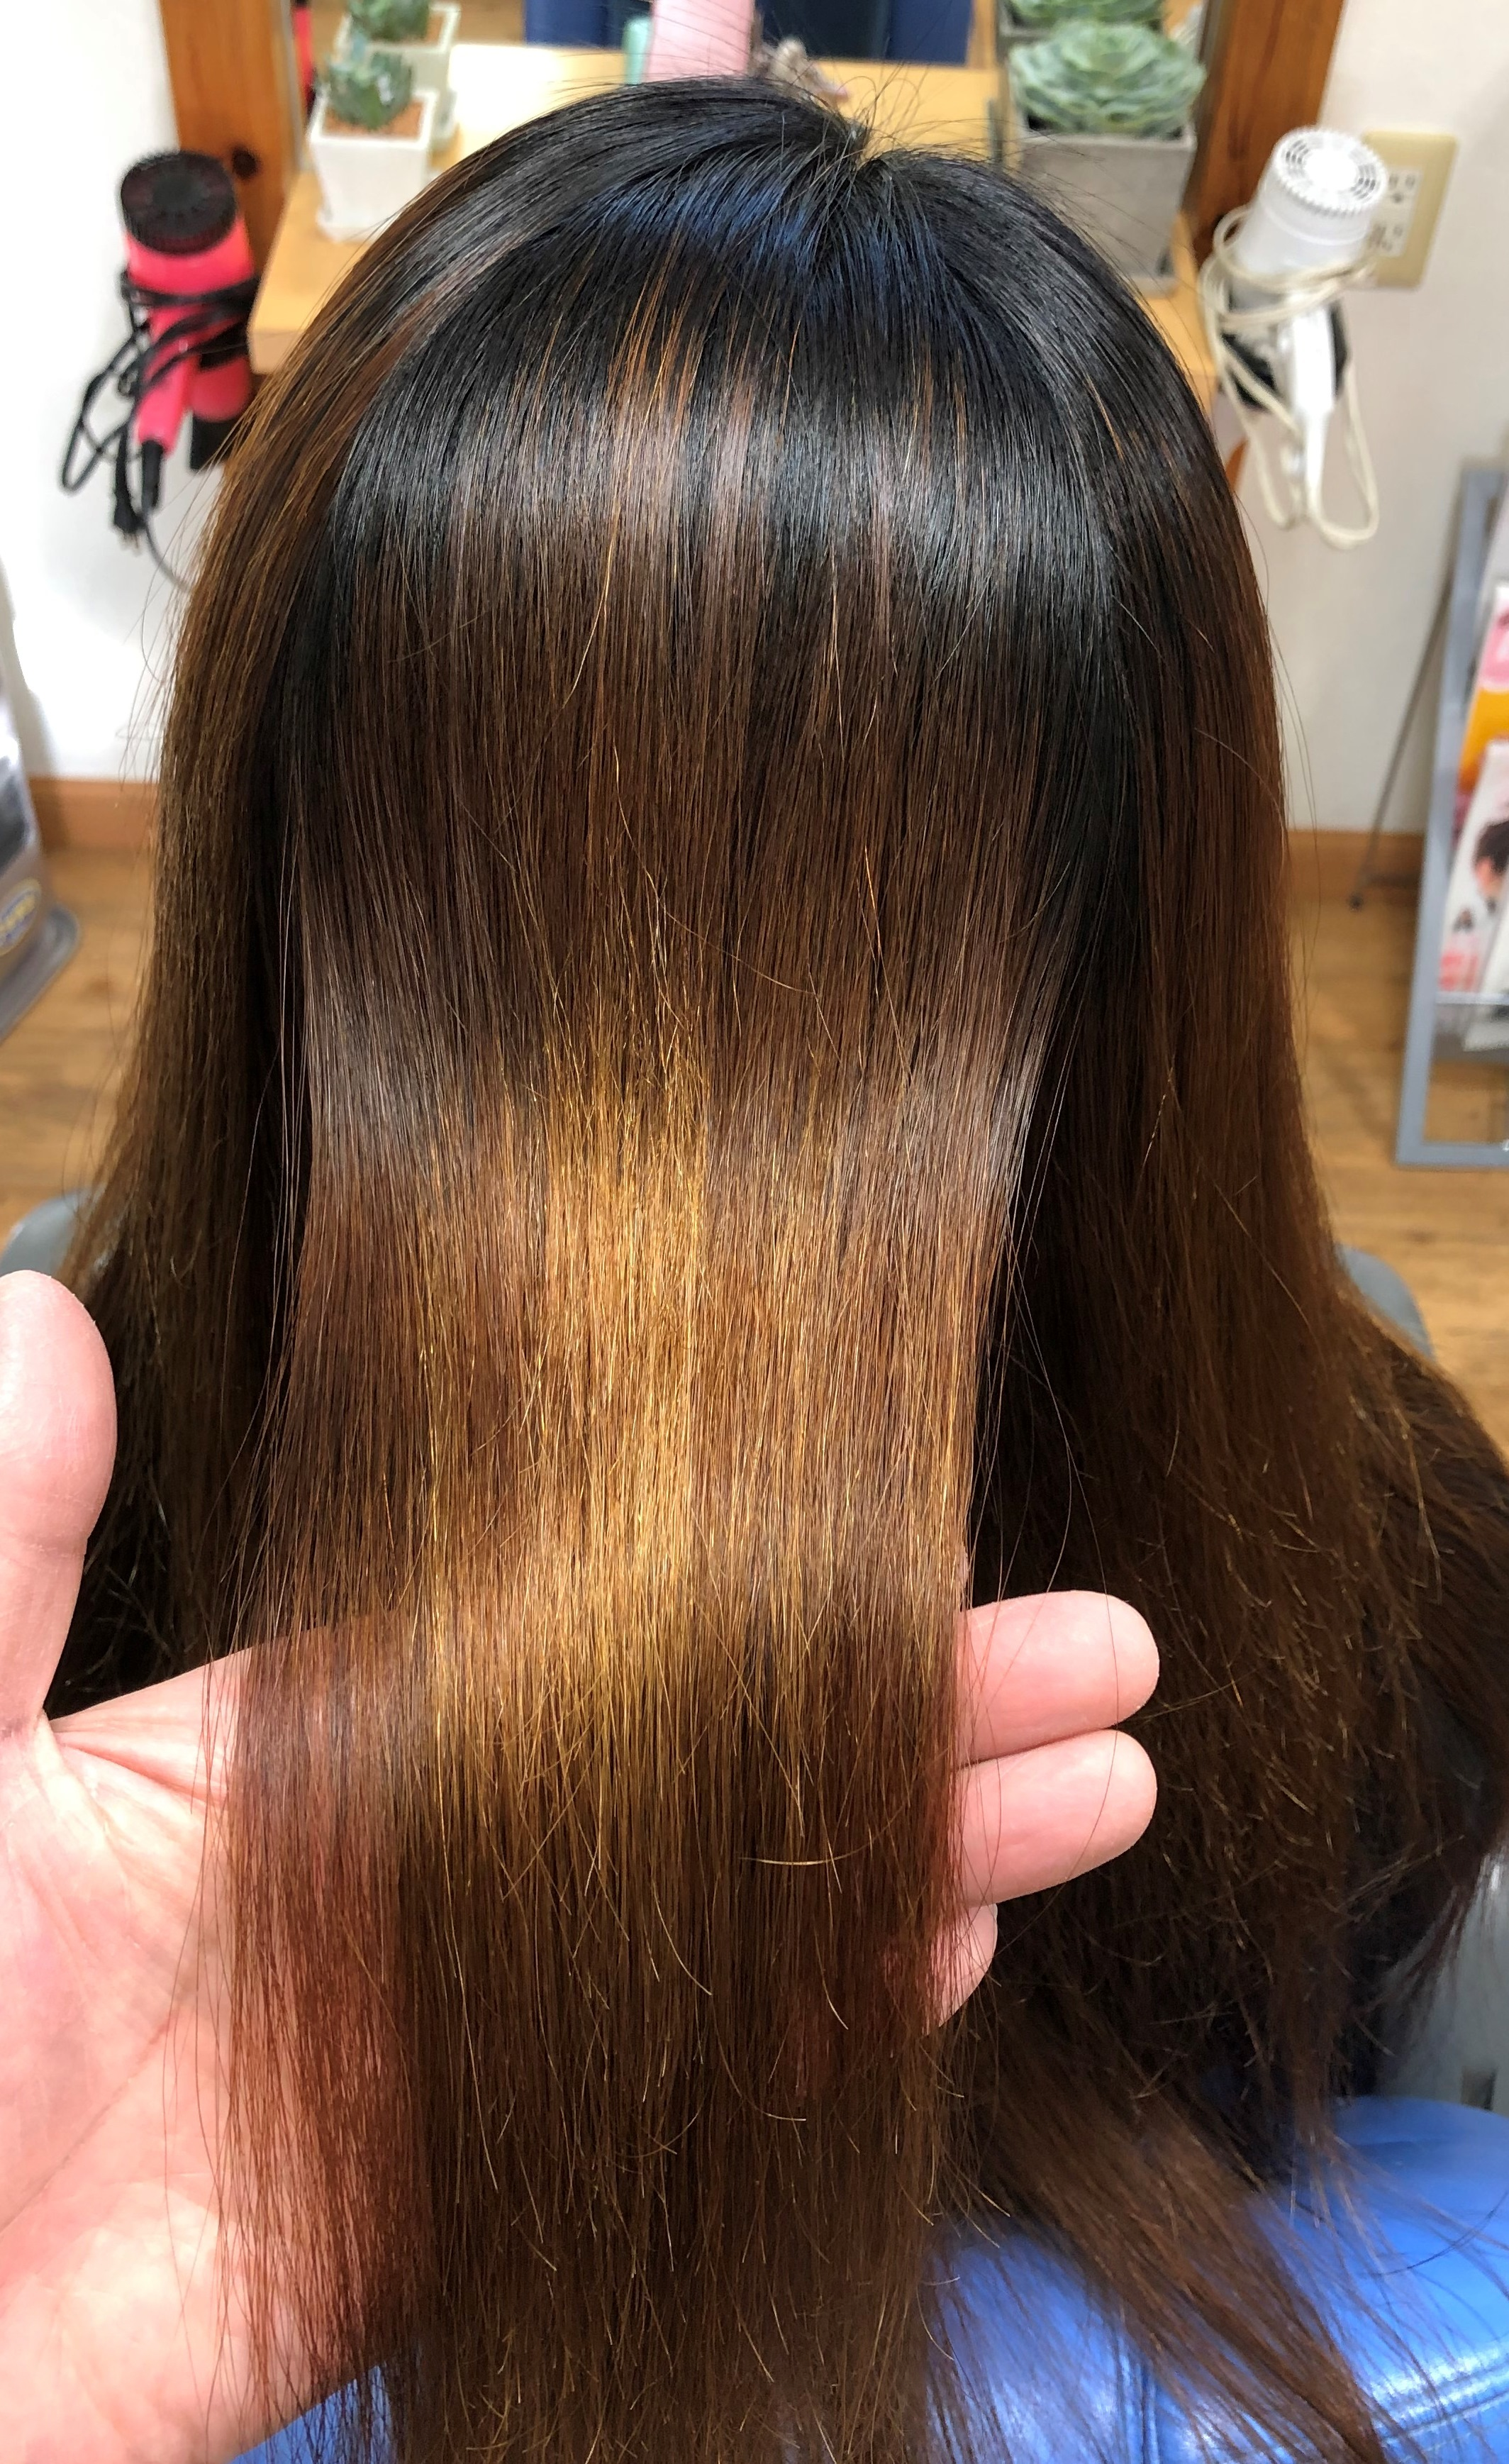 酸性の縮毛矯正(スピエラGMT)